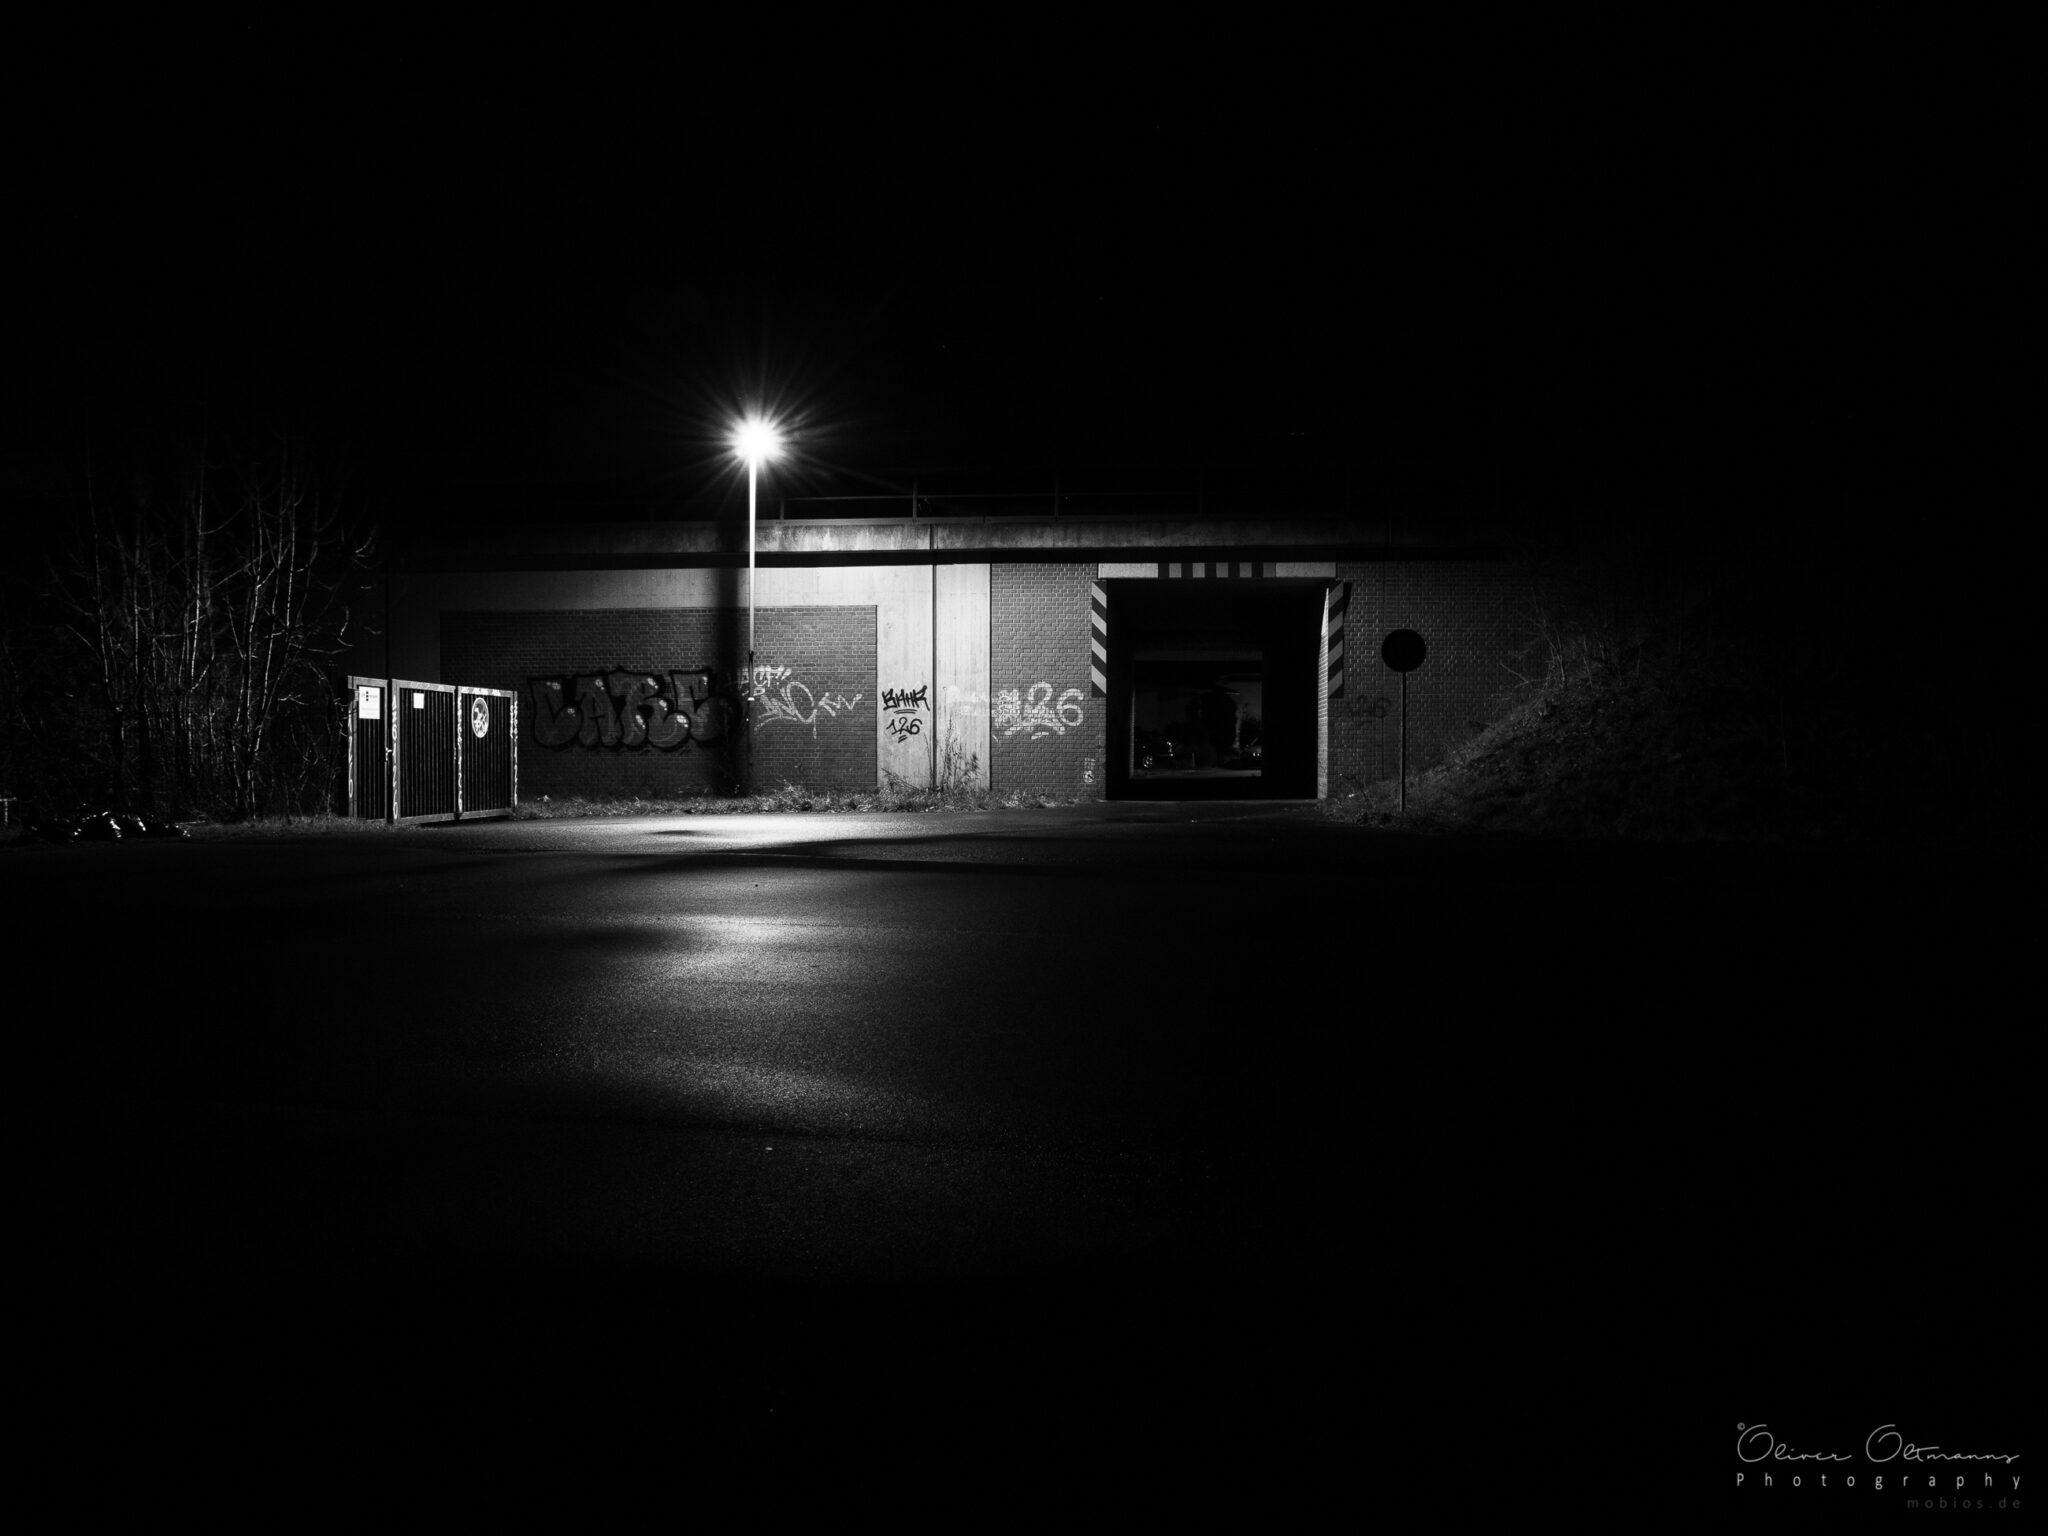 Buir bei Nacht - Unterführung